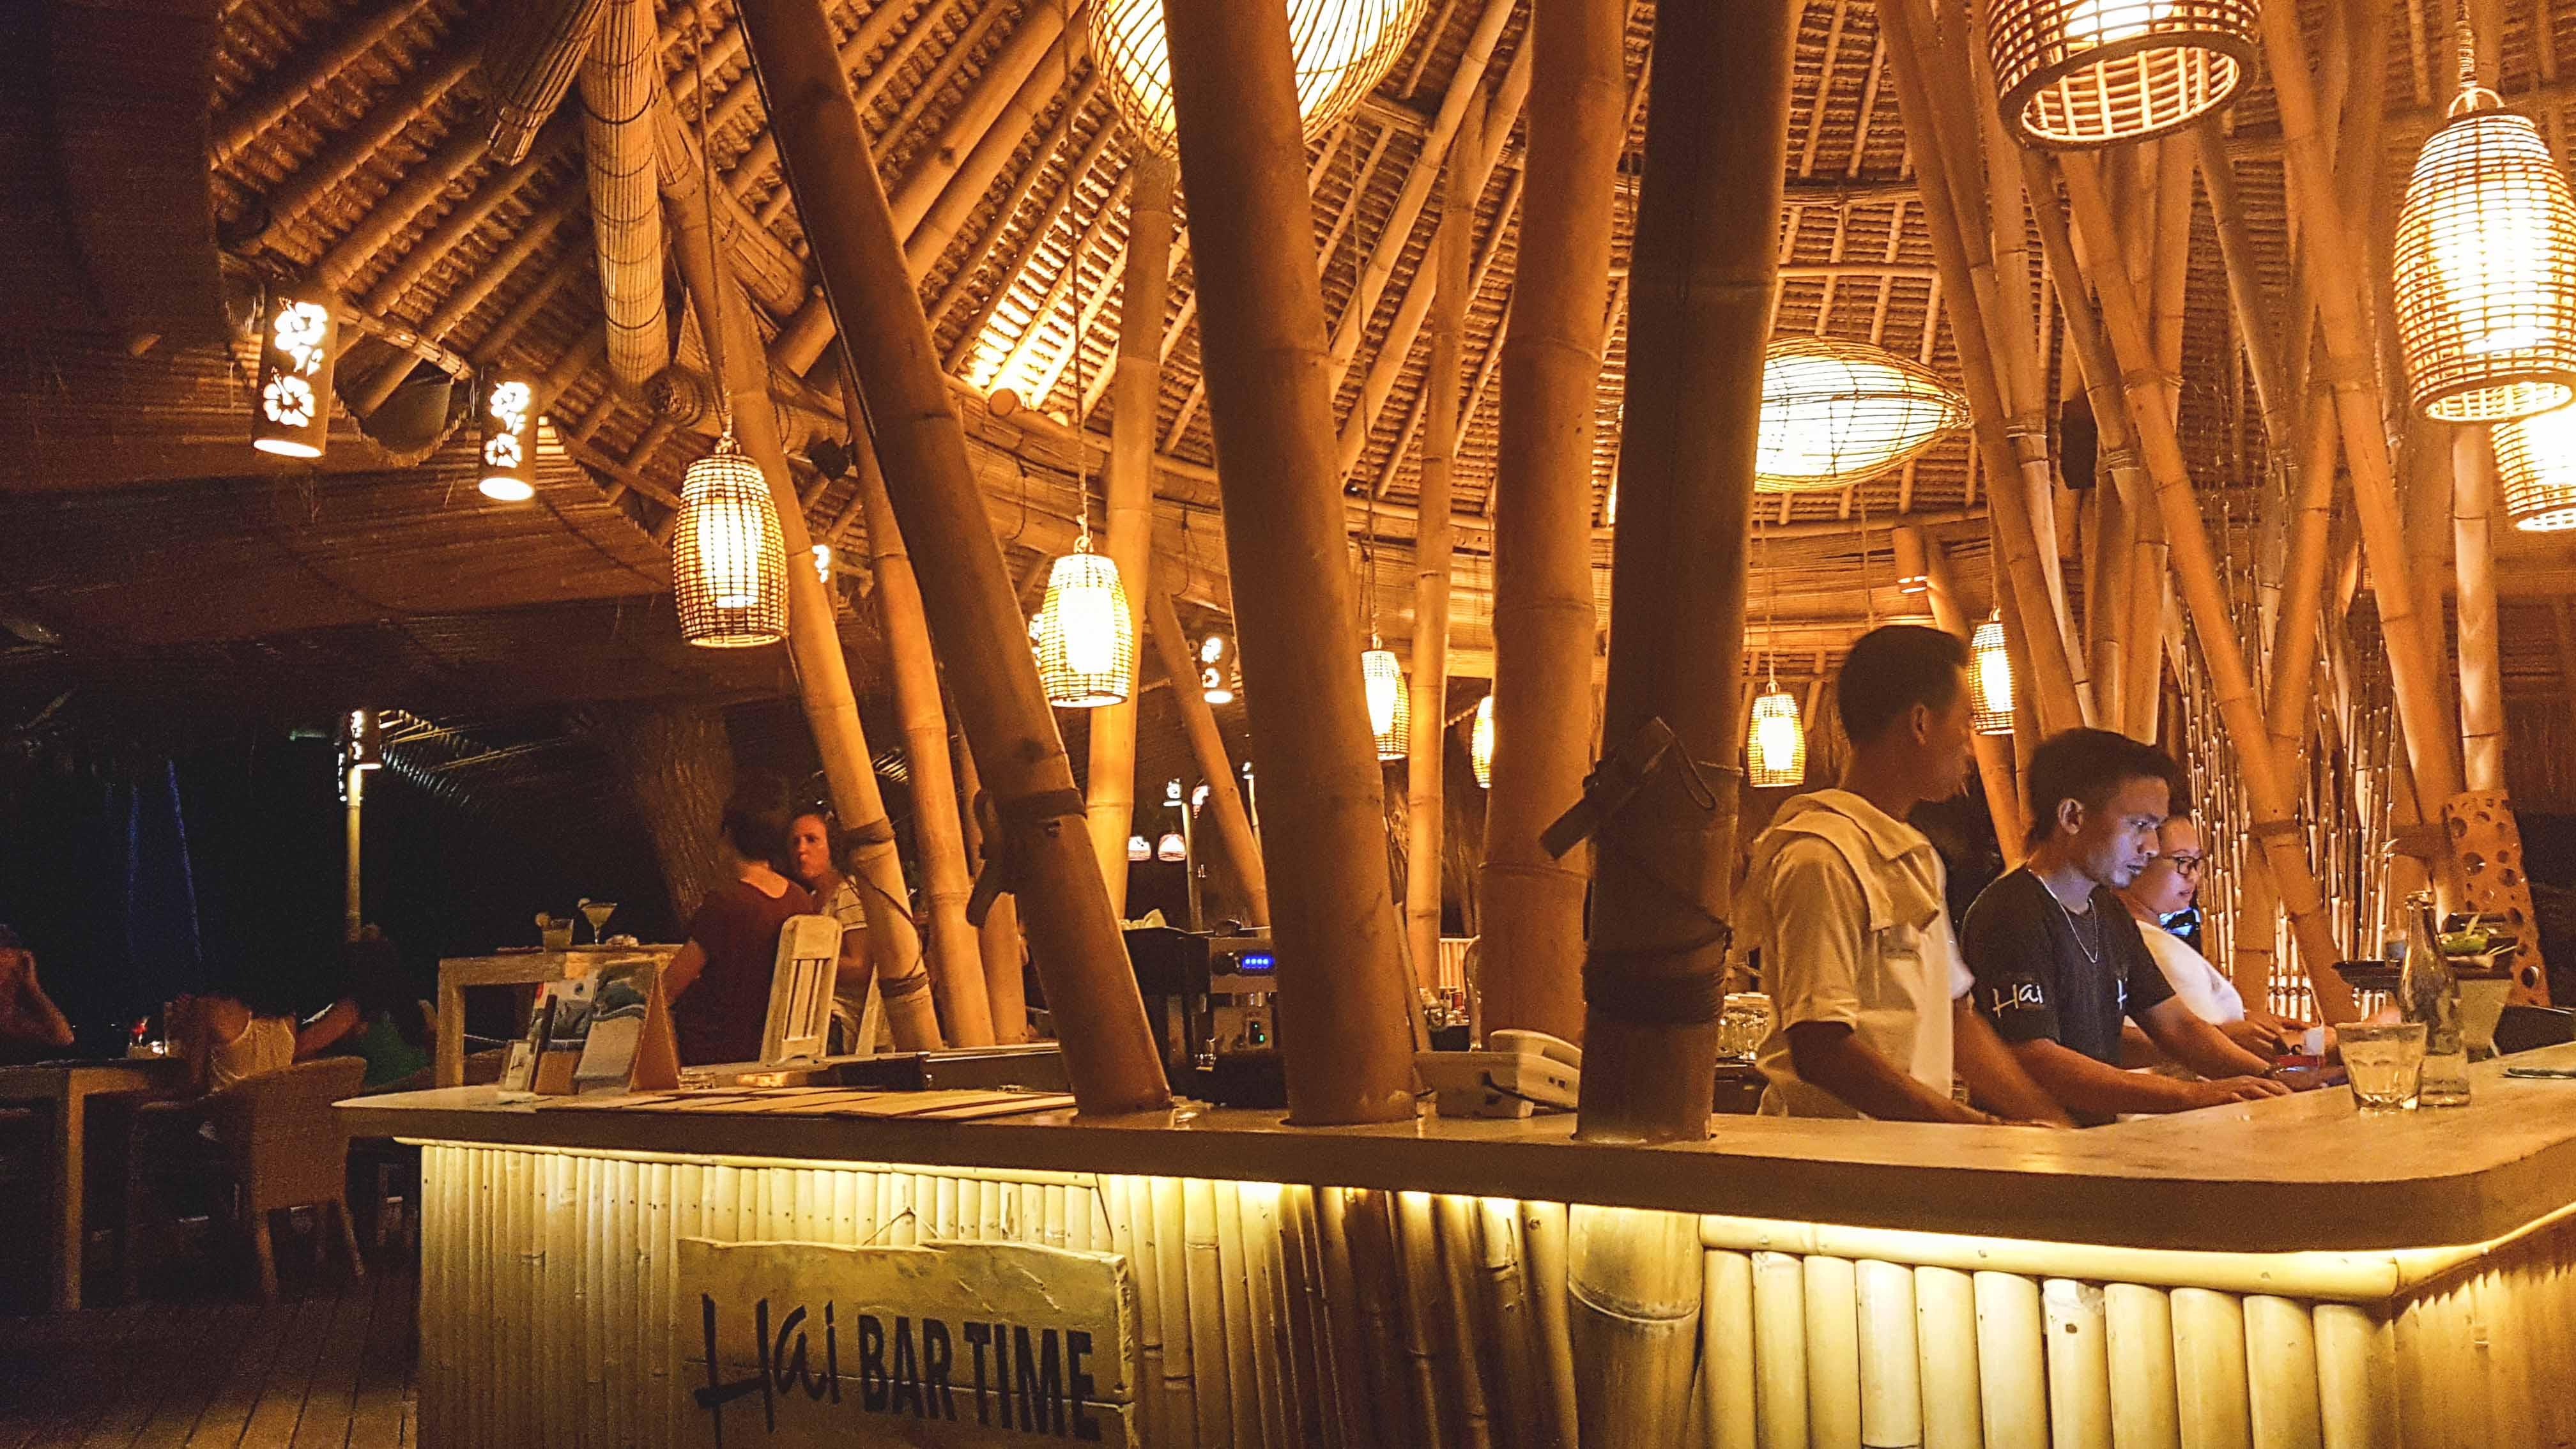 Hai Bar auf Nusa Lembongan